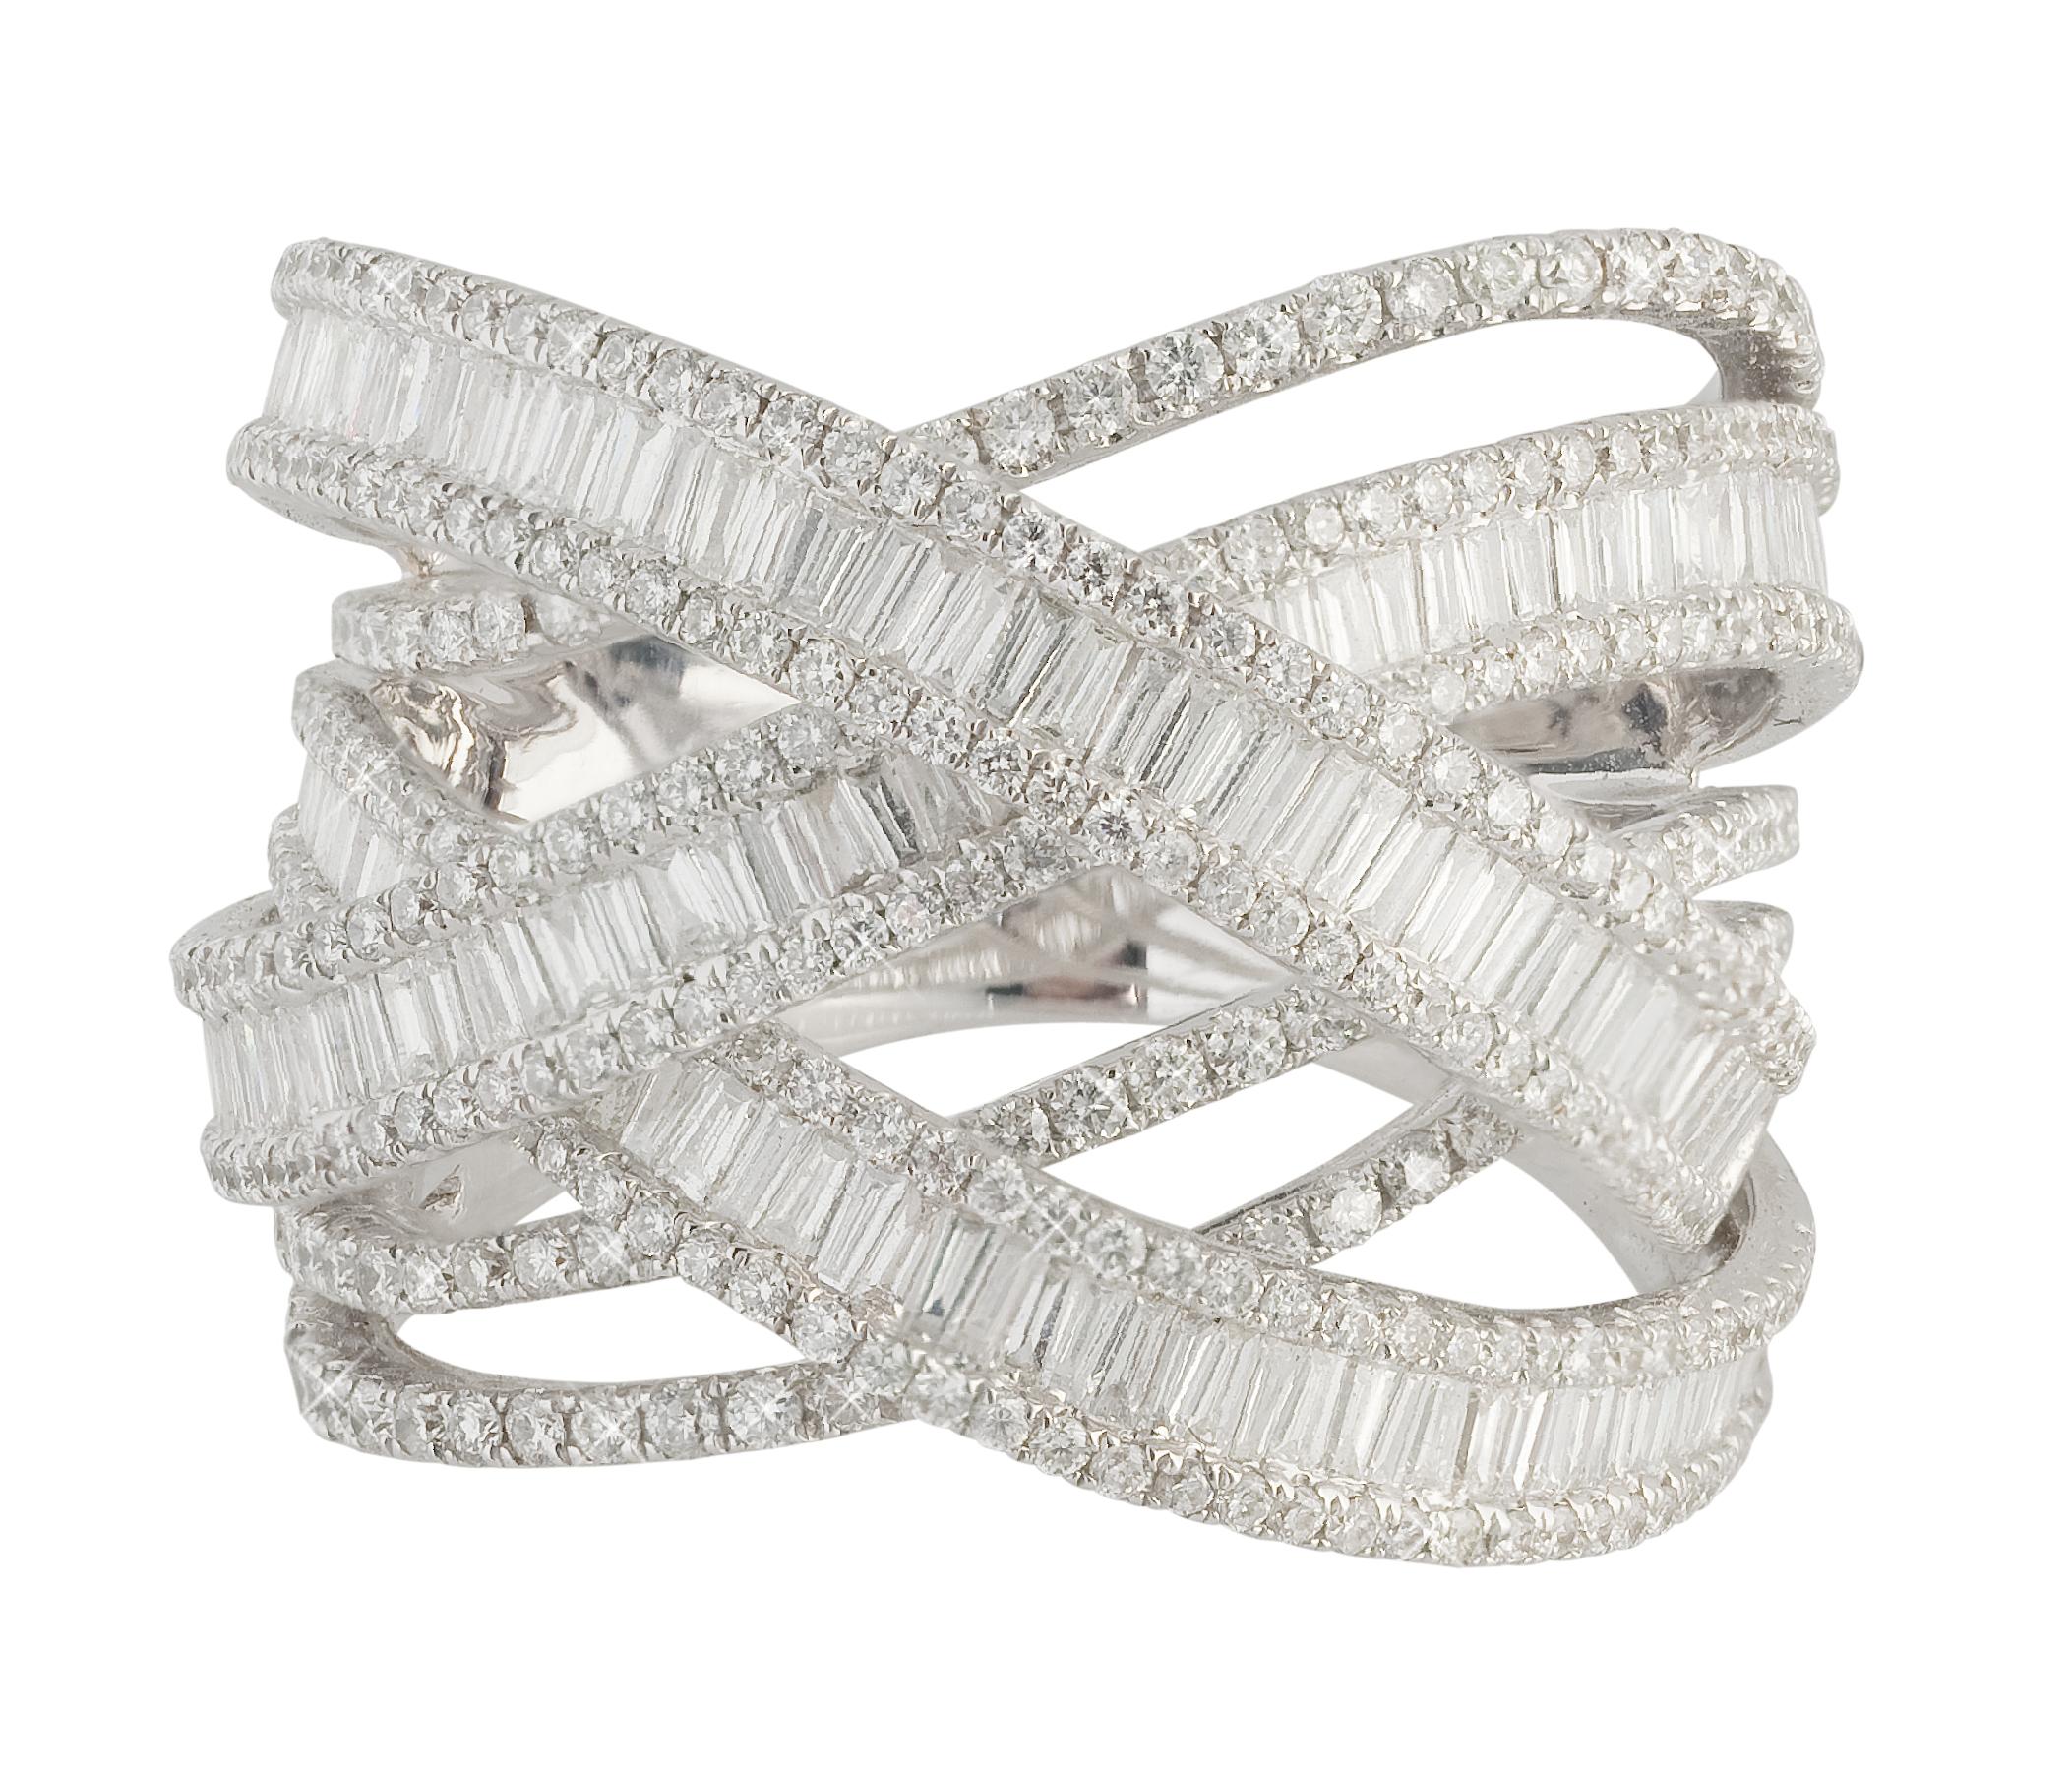 Connu Nouvel écrin à bijoux pour Djula | FIRSTLUXE RY97